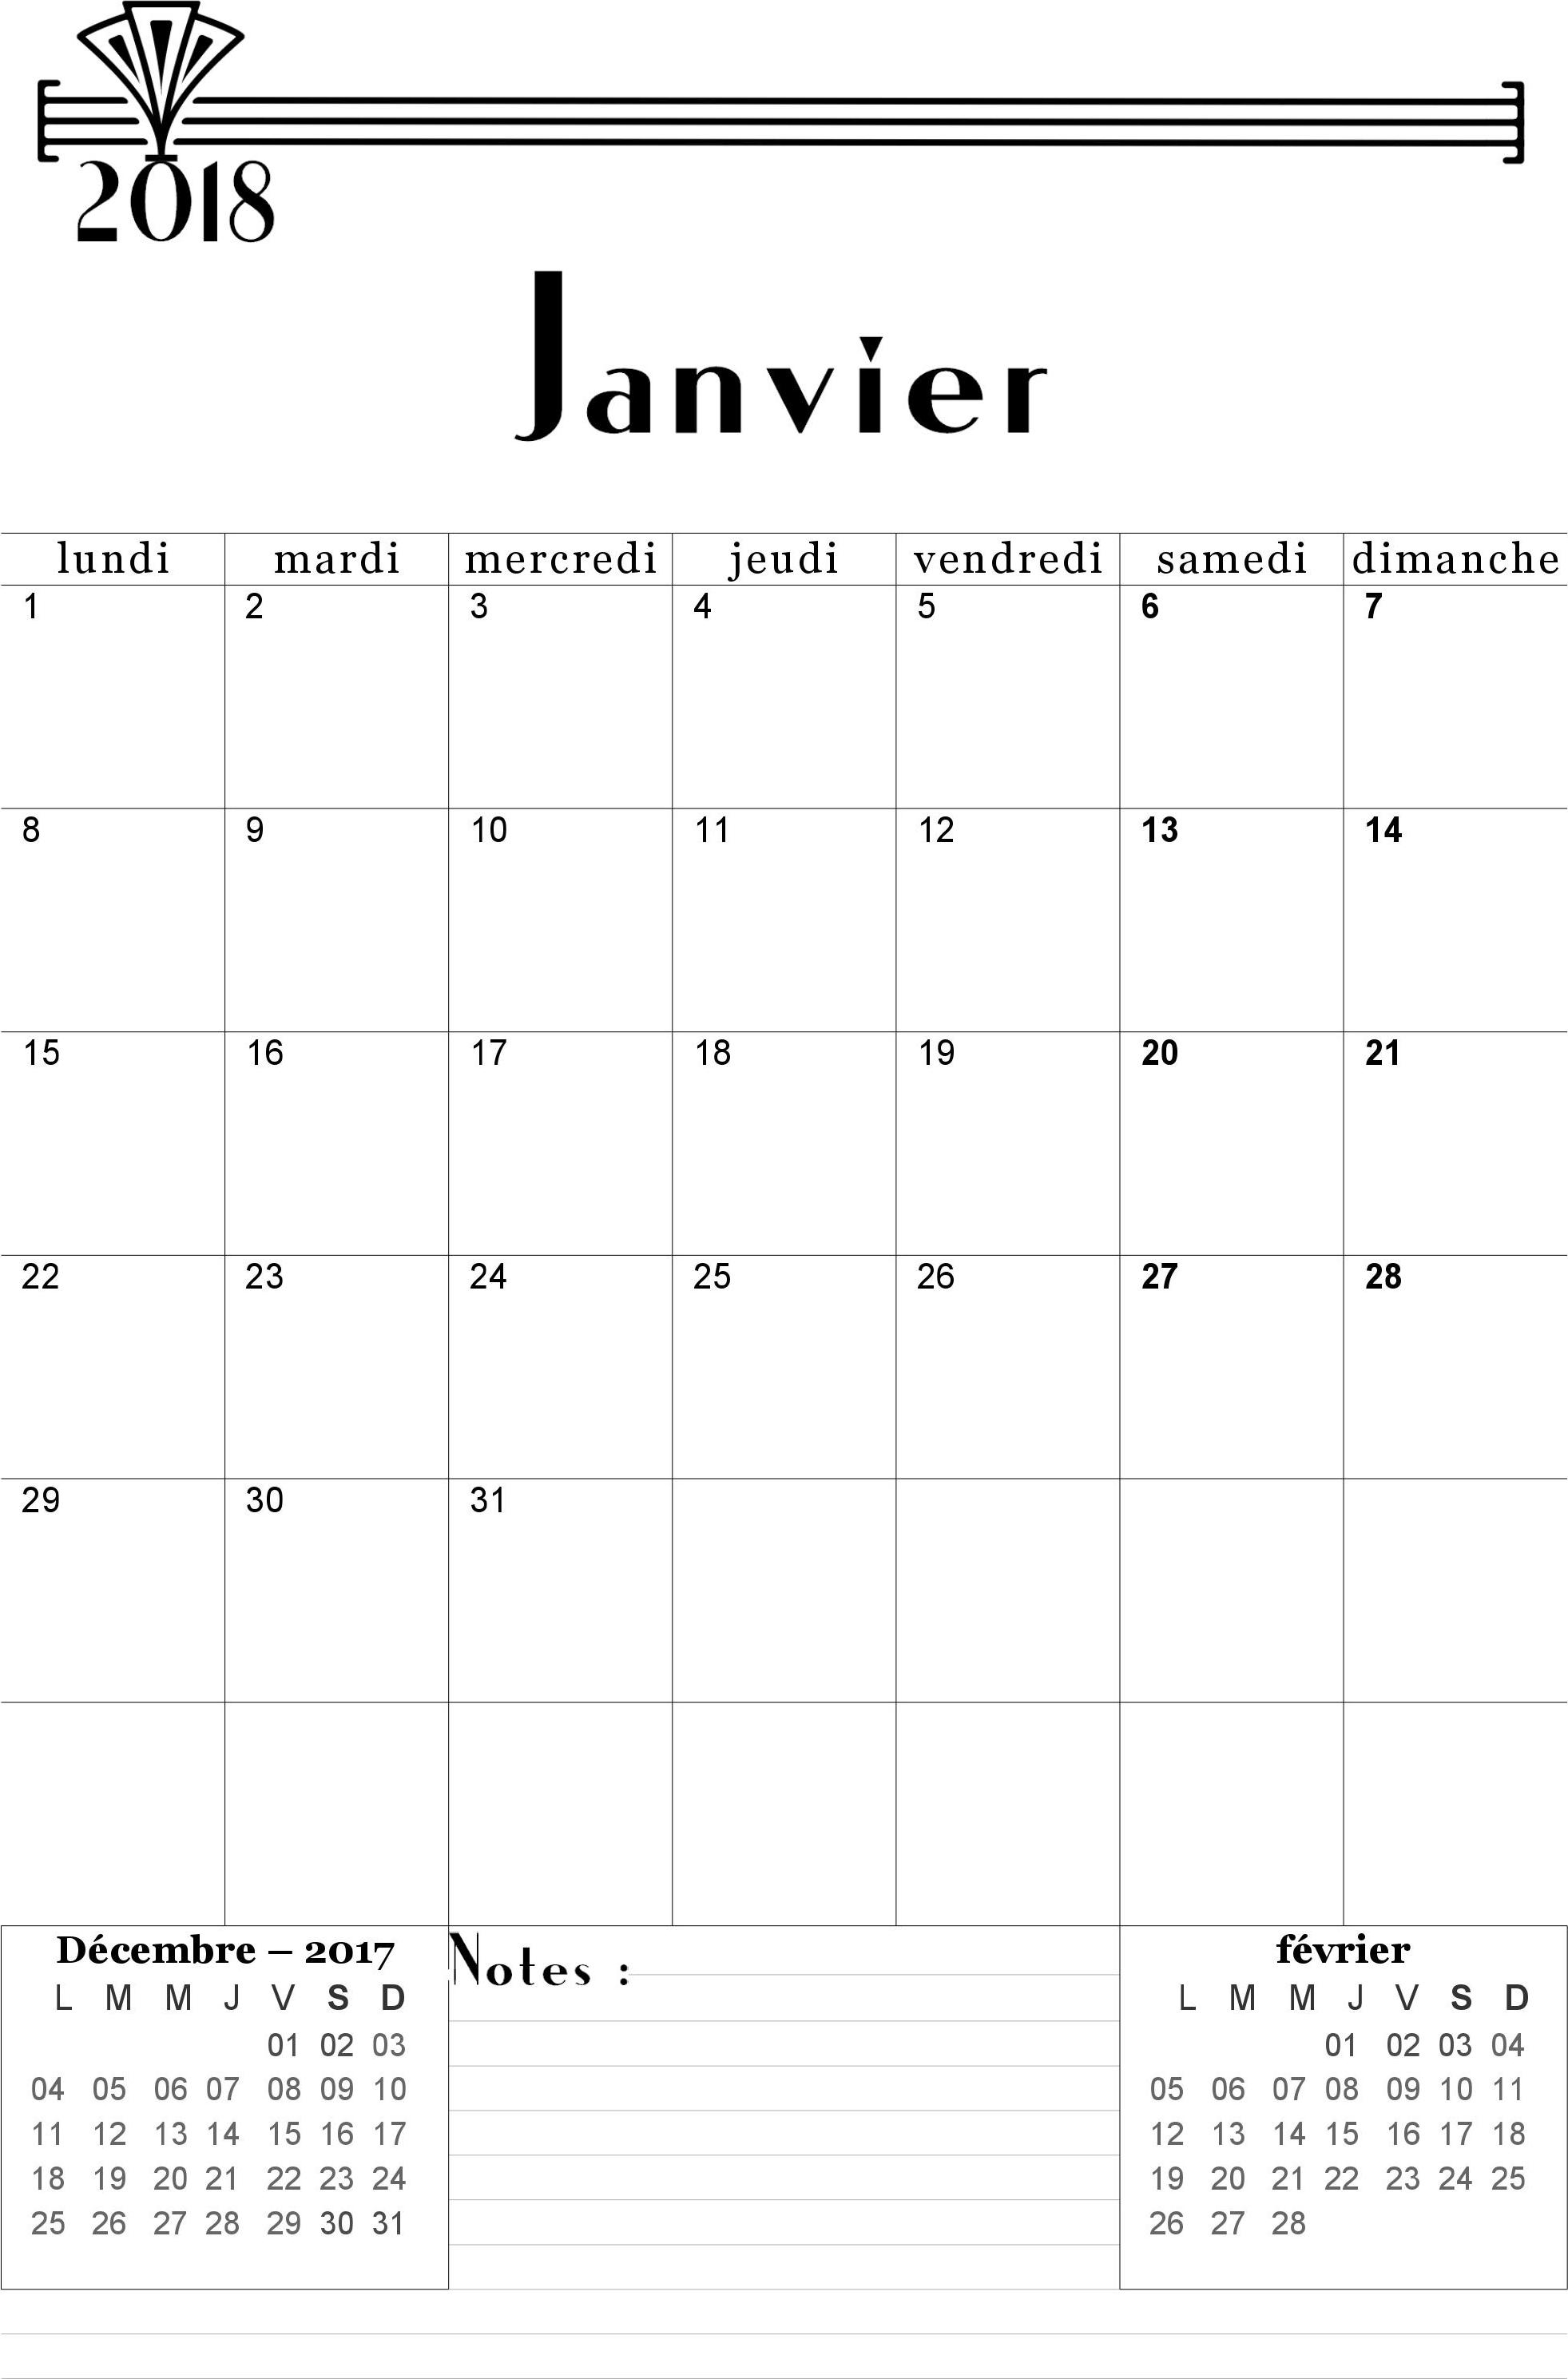 Extrêmement Calendrier 2017-2018 mensuel à imprimer gratuitement - Calendriers  QK28